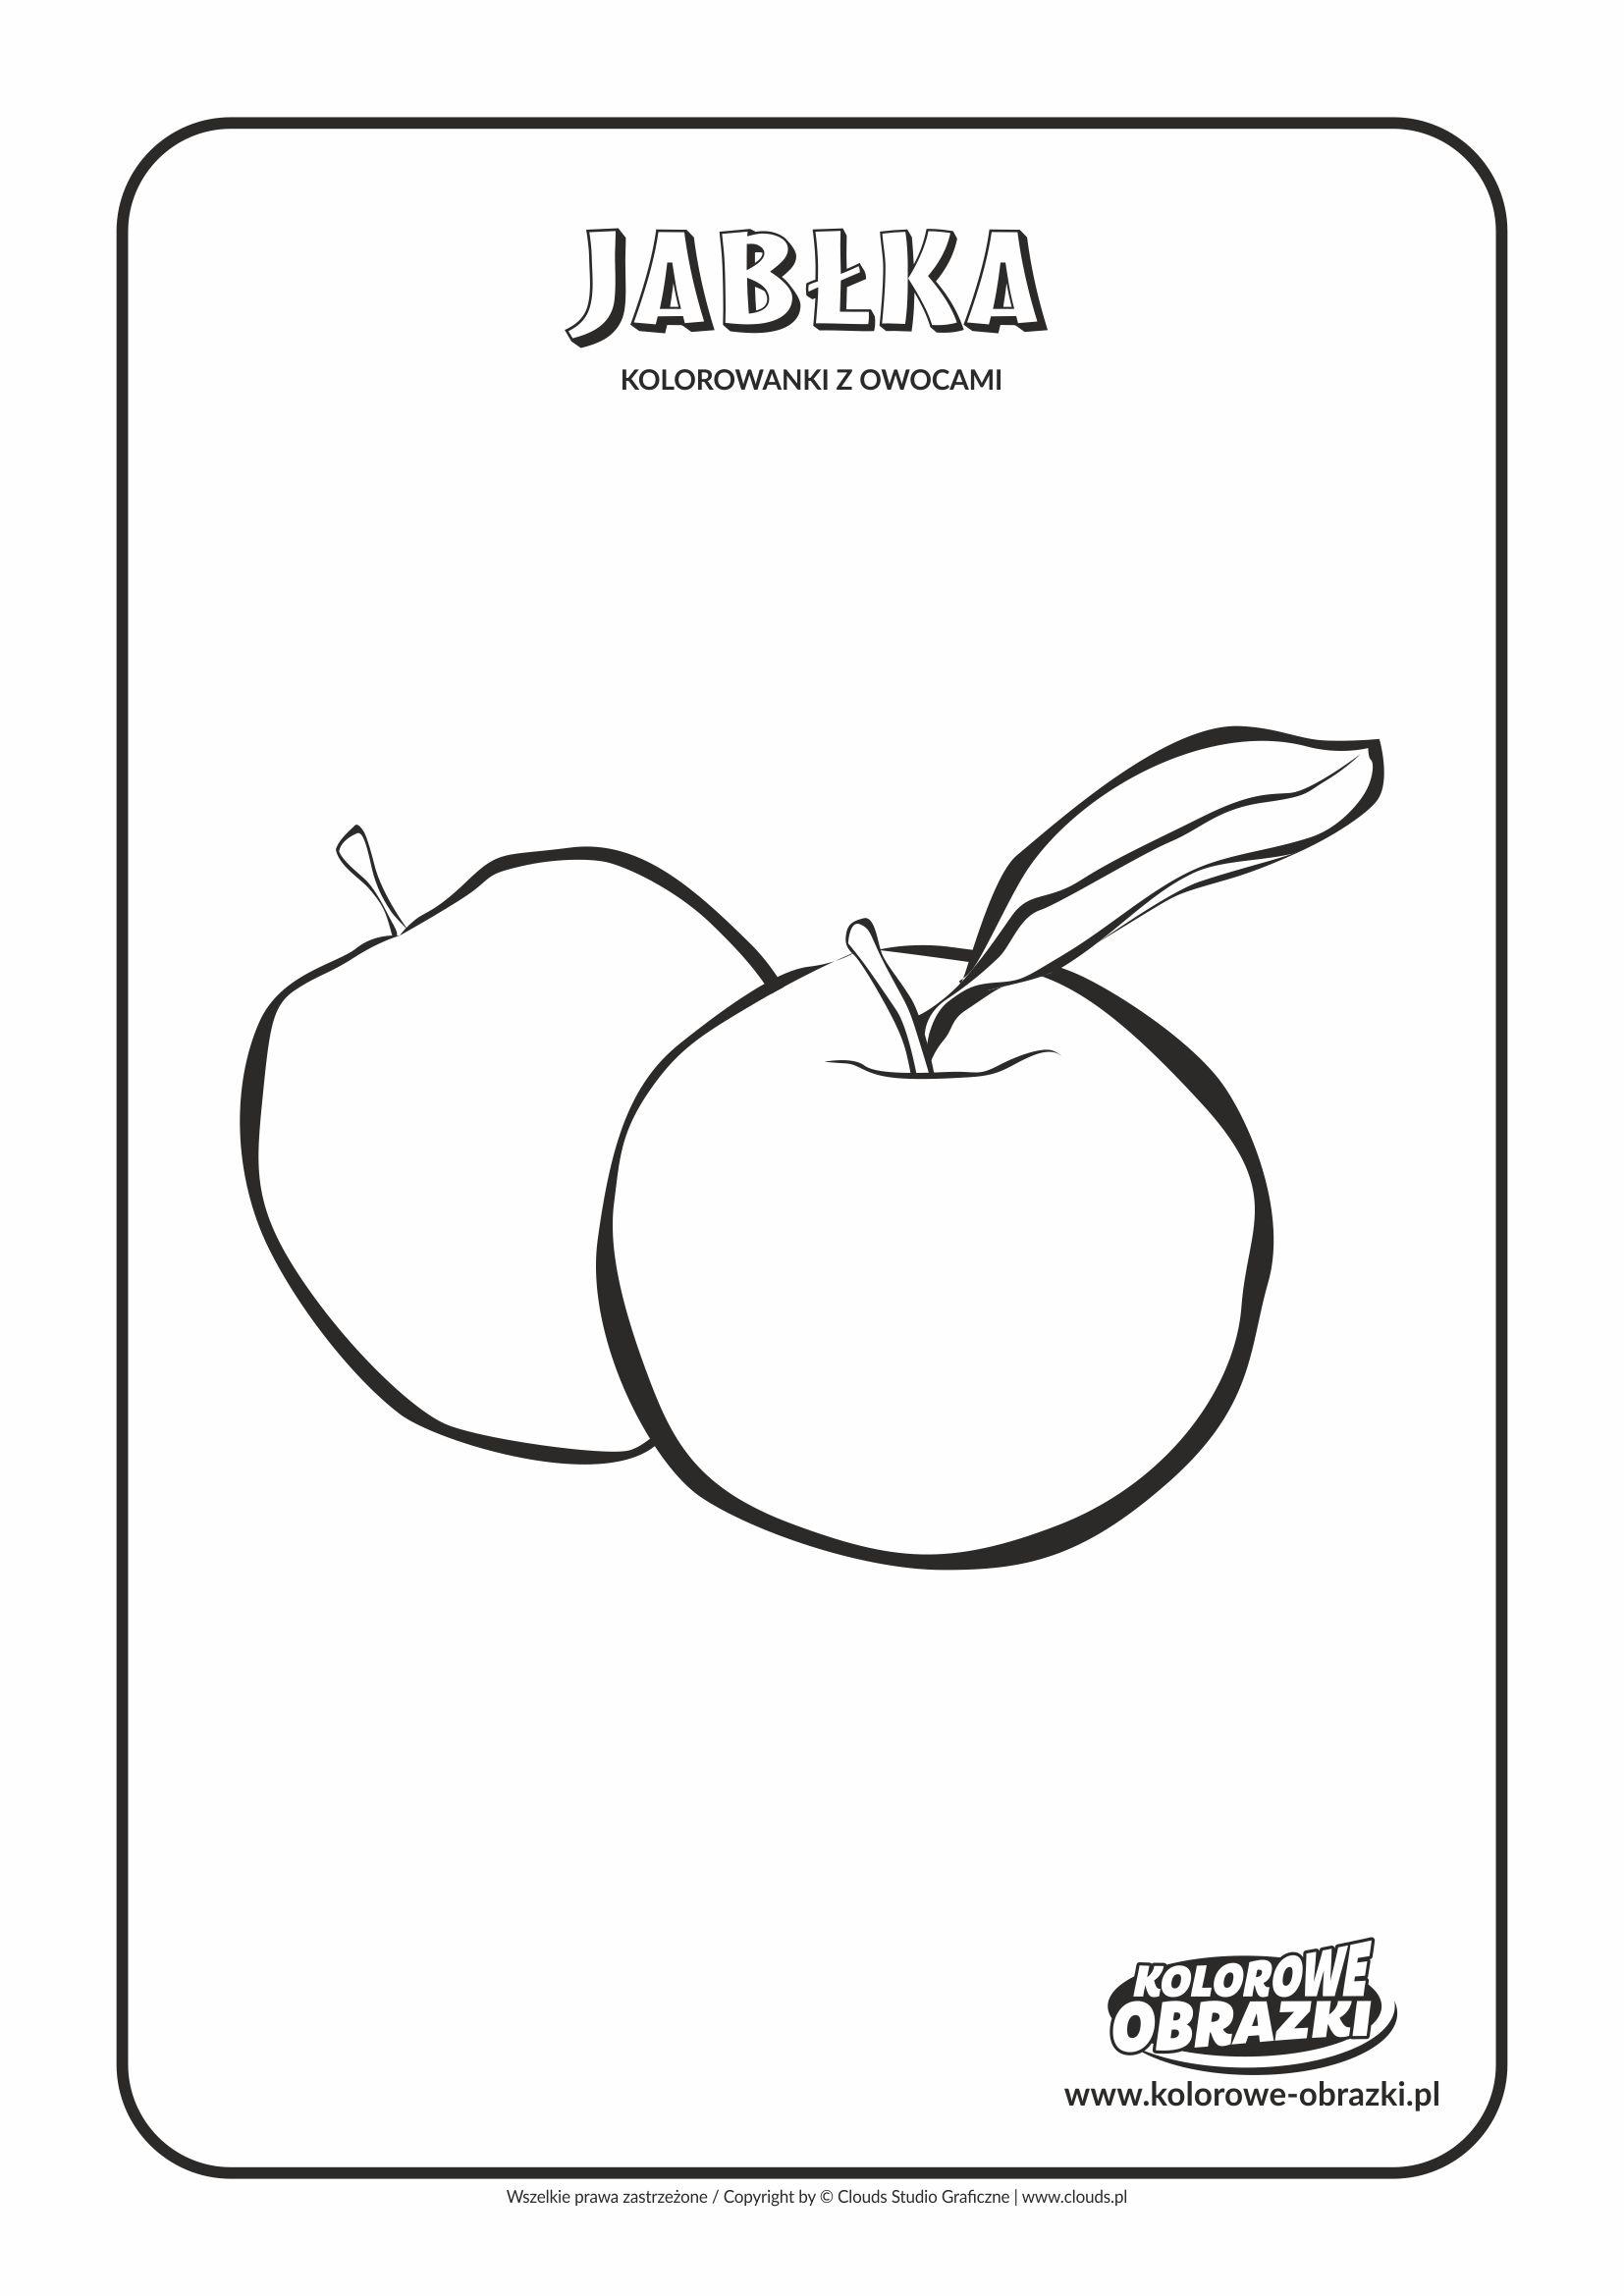 Kolorowanki dla dzieci - Rośliny / Jabłka. Kolorowanka z jabłkami